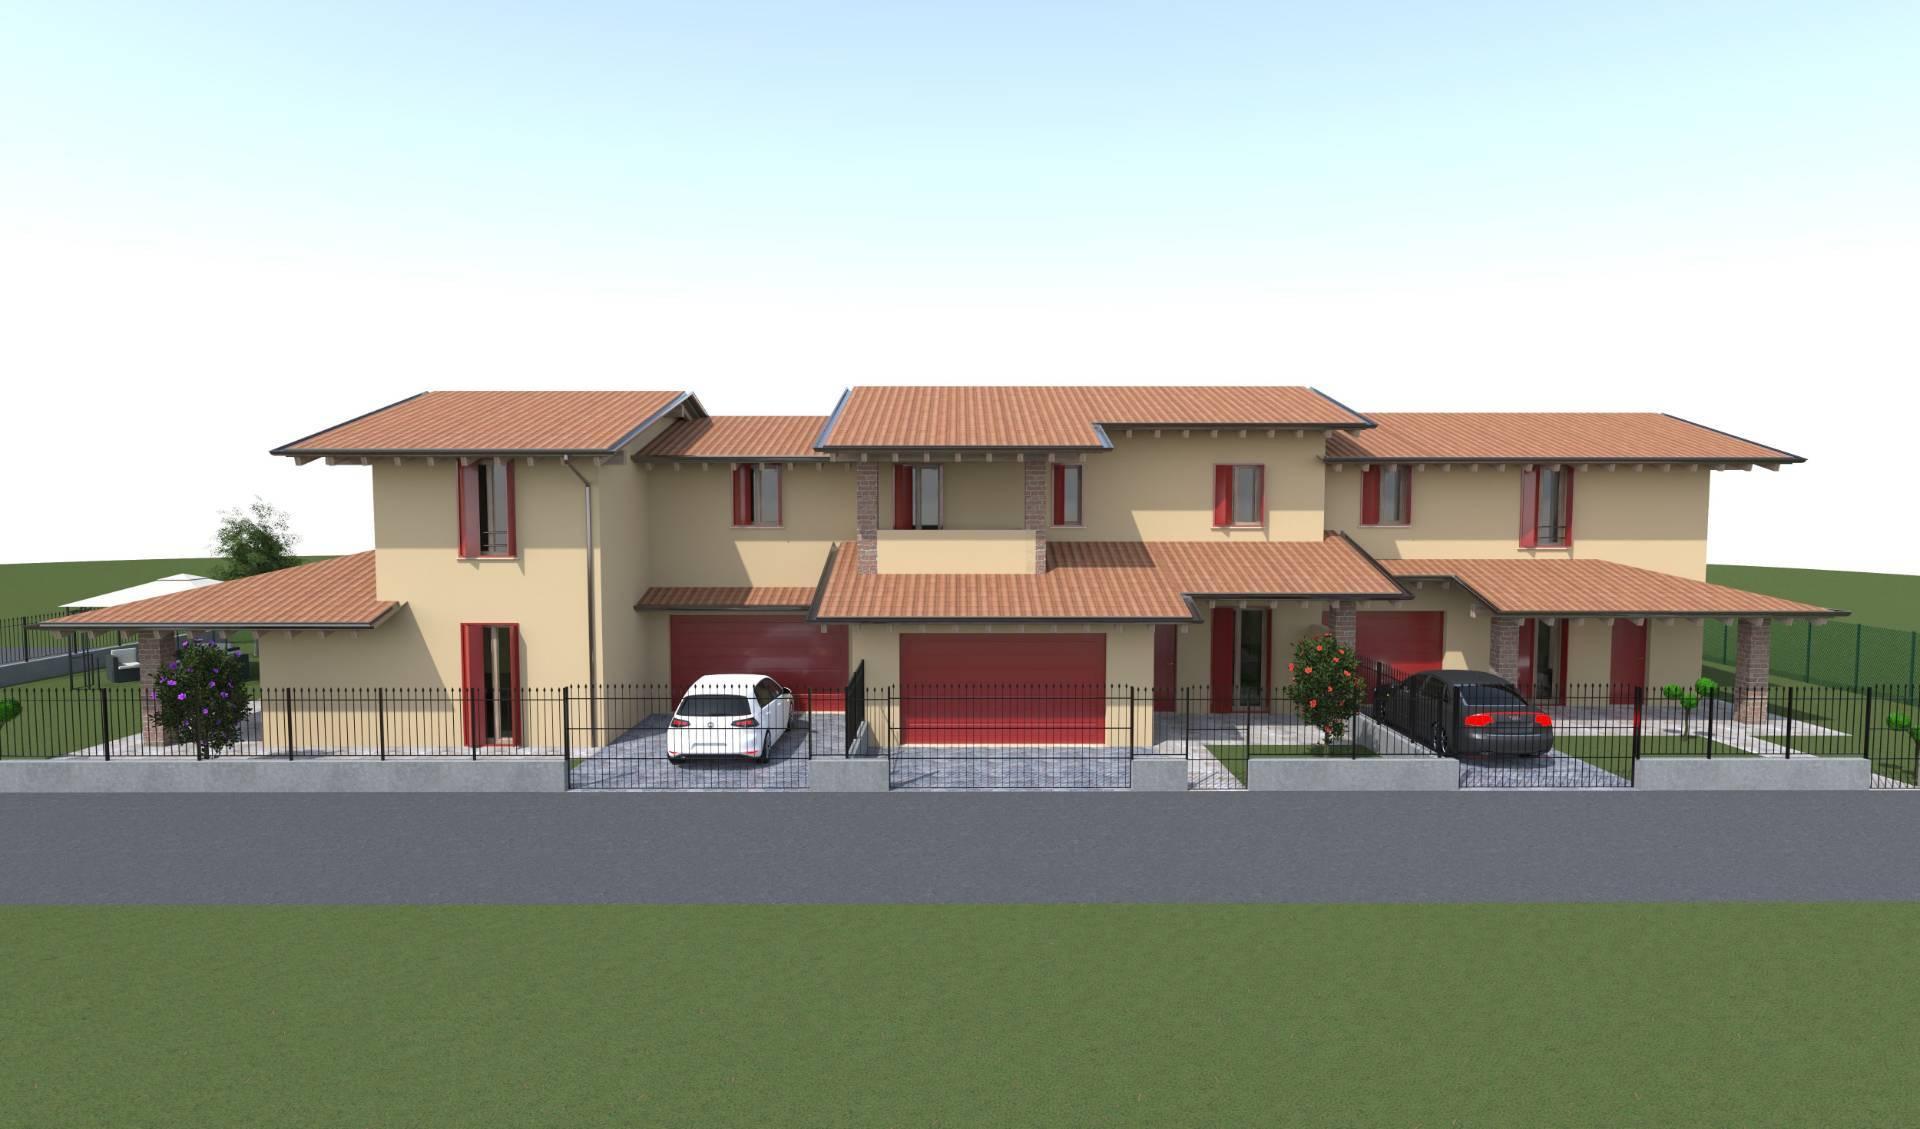 Casa Tua Arredamenti Rovato case indipendenti in vendita a rovato in zona lodetto. cerca